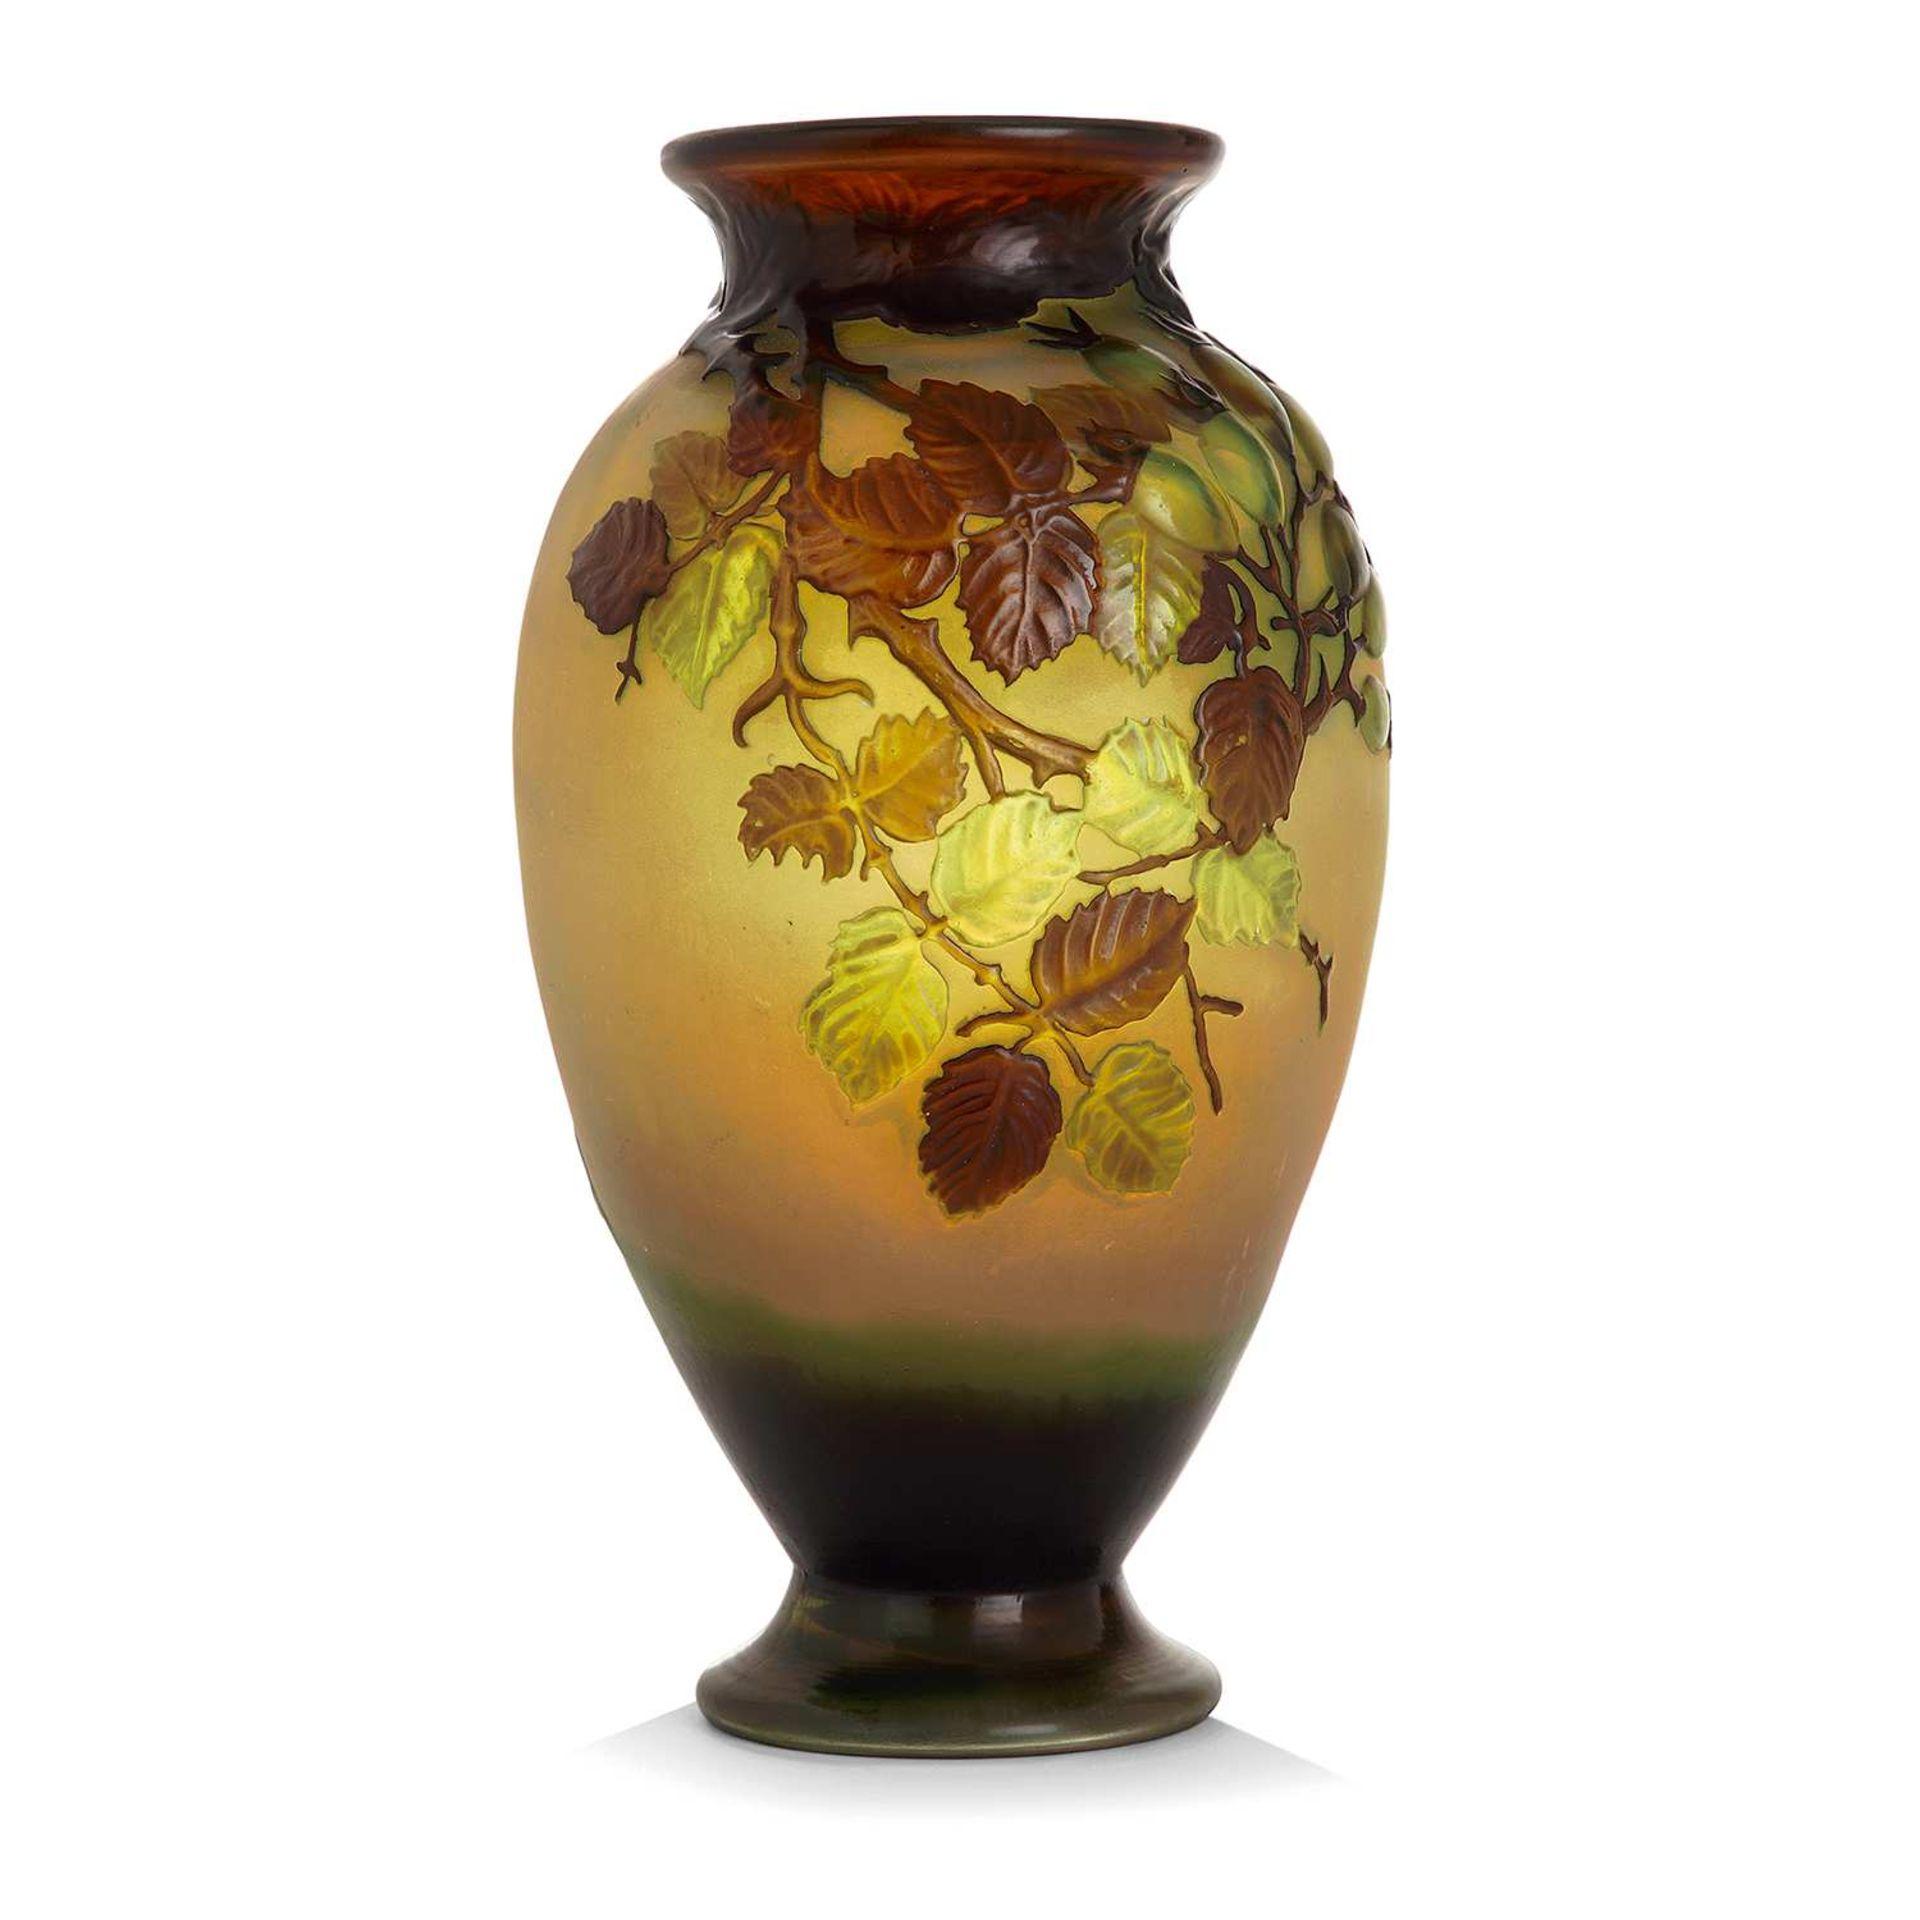 Los 4 - ÉTABLISSEMENTS GALLÉ (1904-1936) Vase ovoïde en verre multicouche brun et vert sur fond jaune à